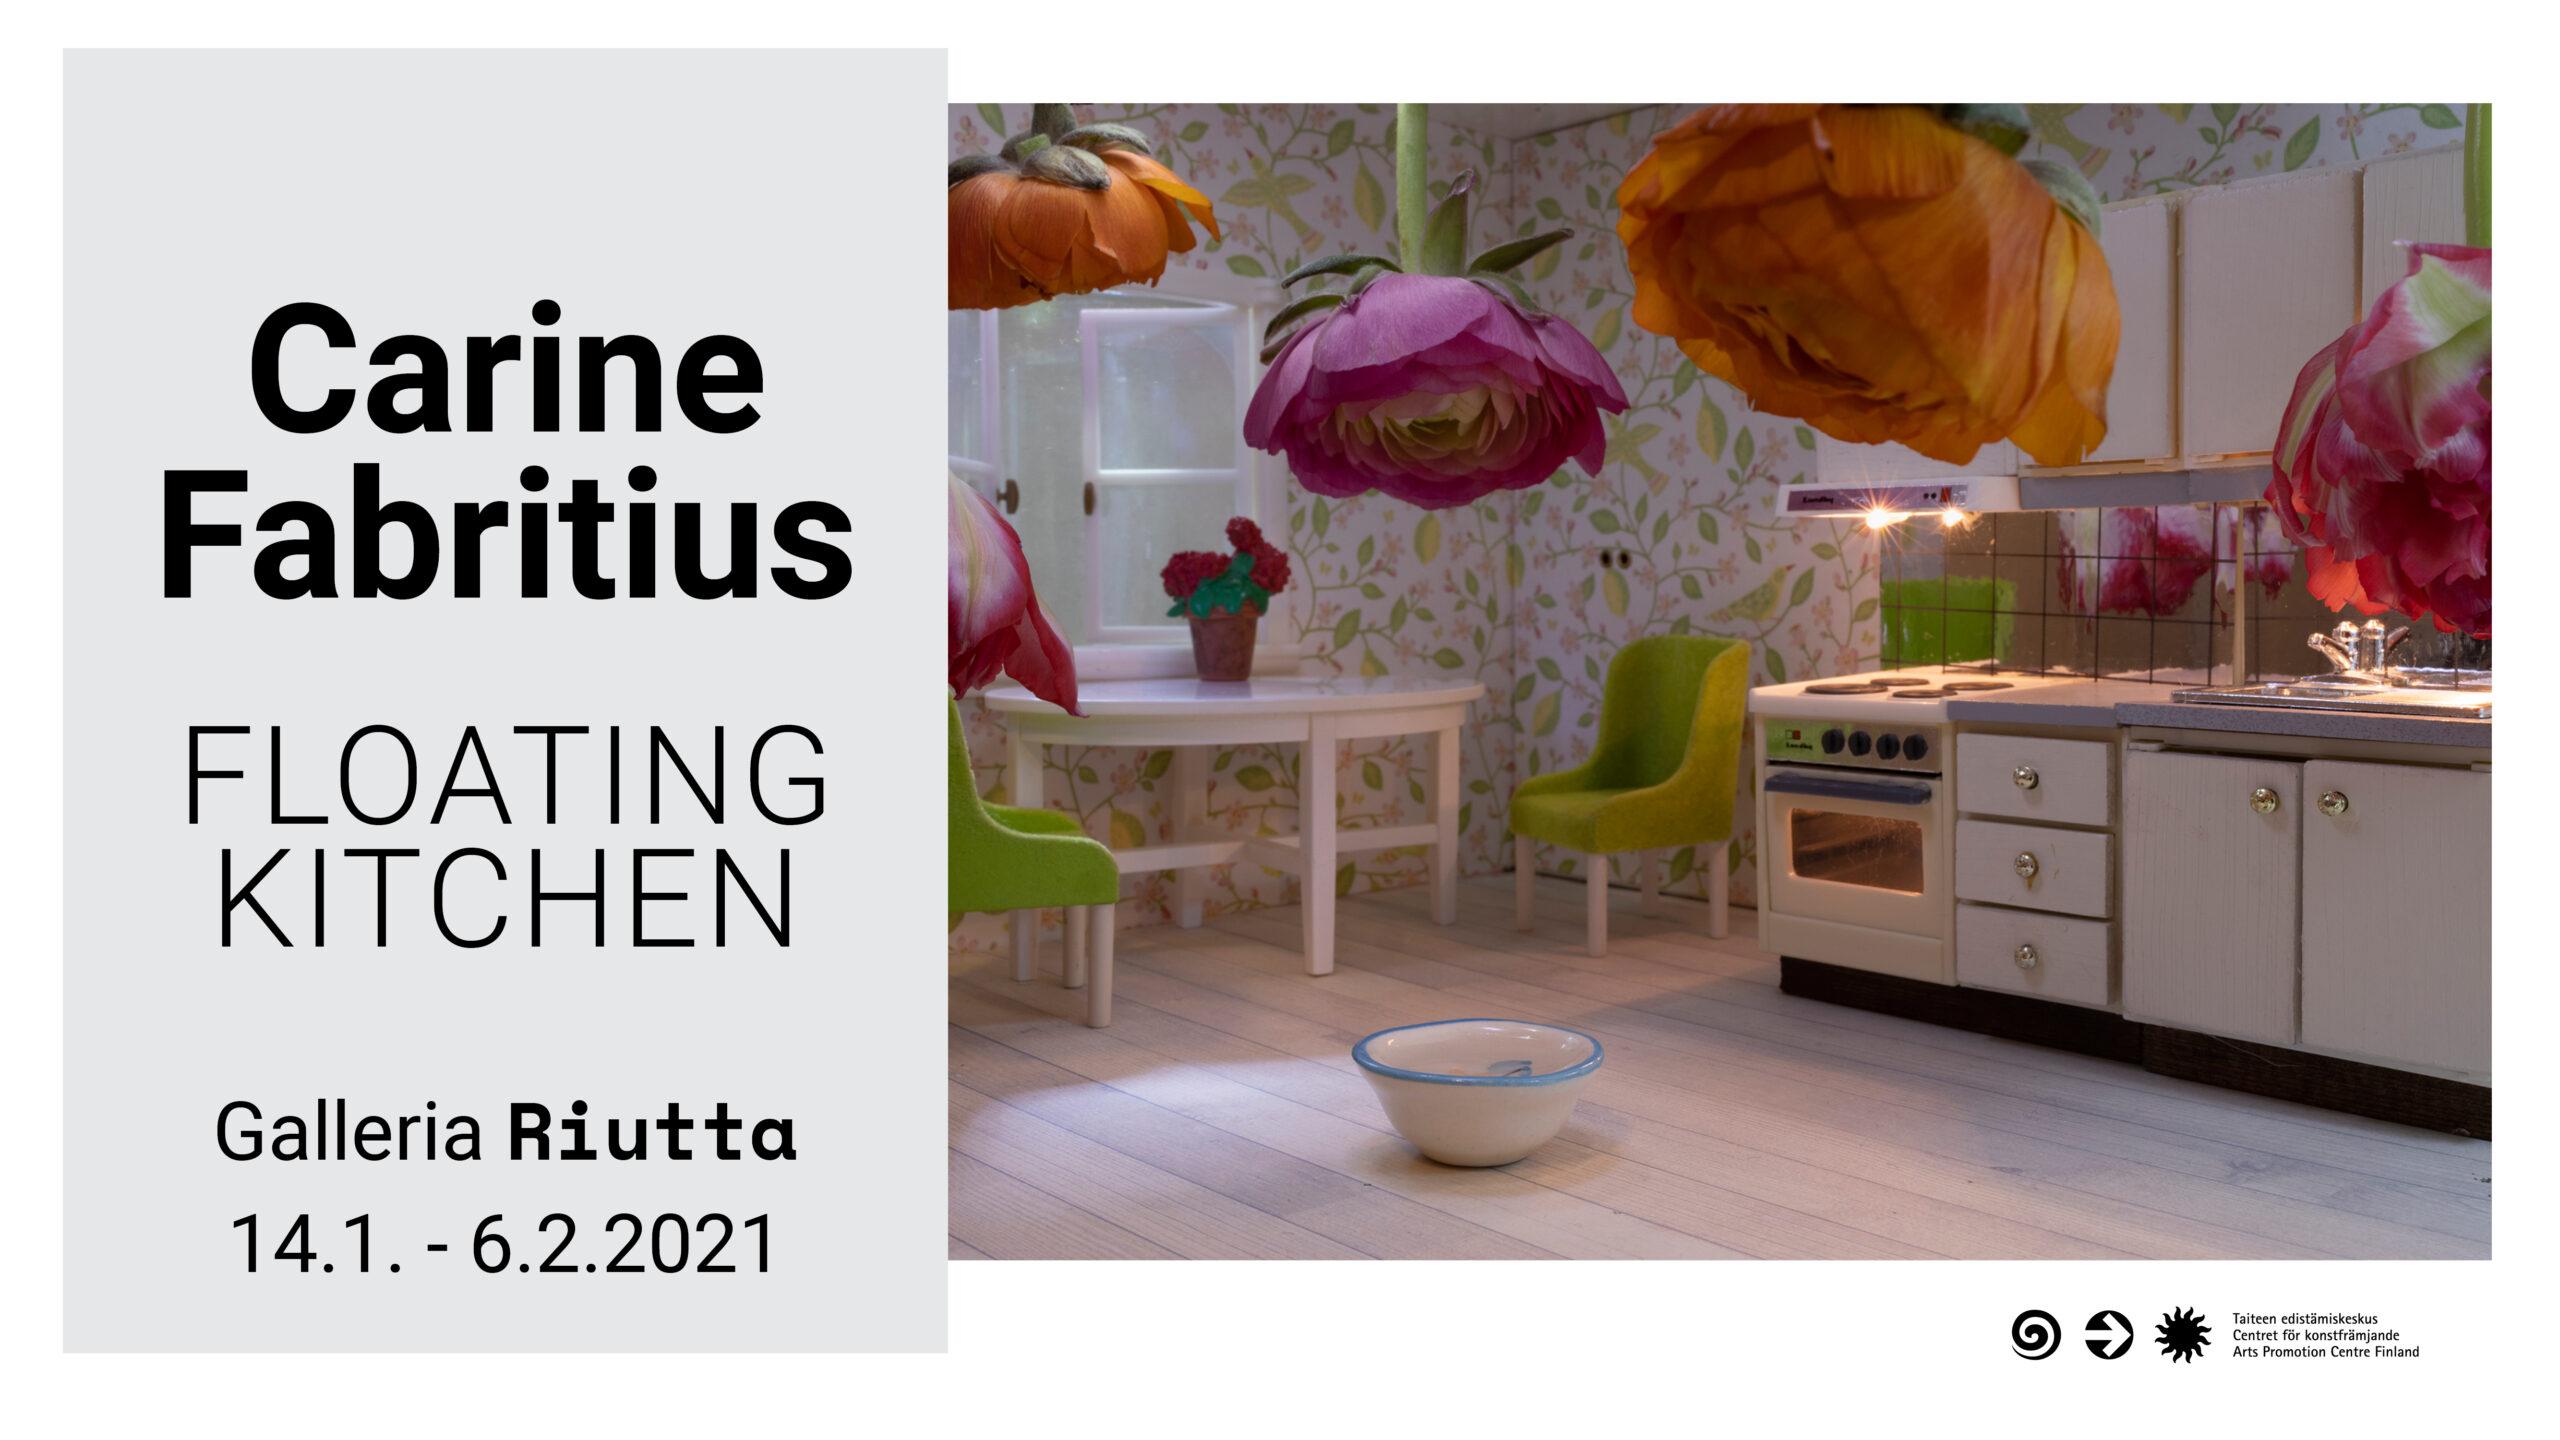 RIUTTA  – Carine Fabritius — Floating Kitchen 14.1.2021-6.2.2021